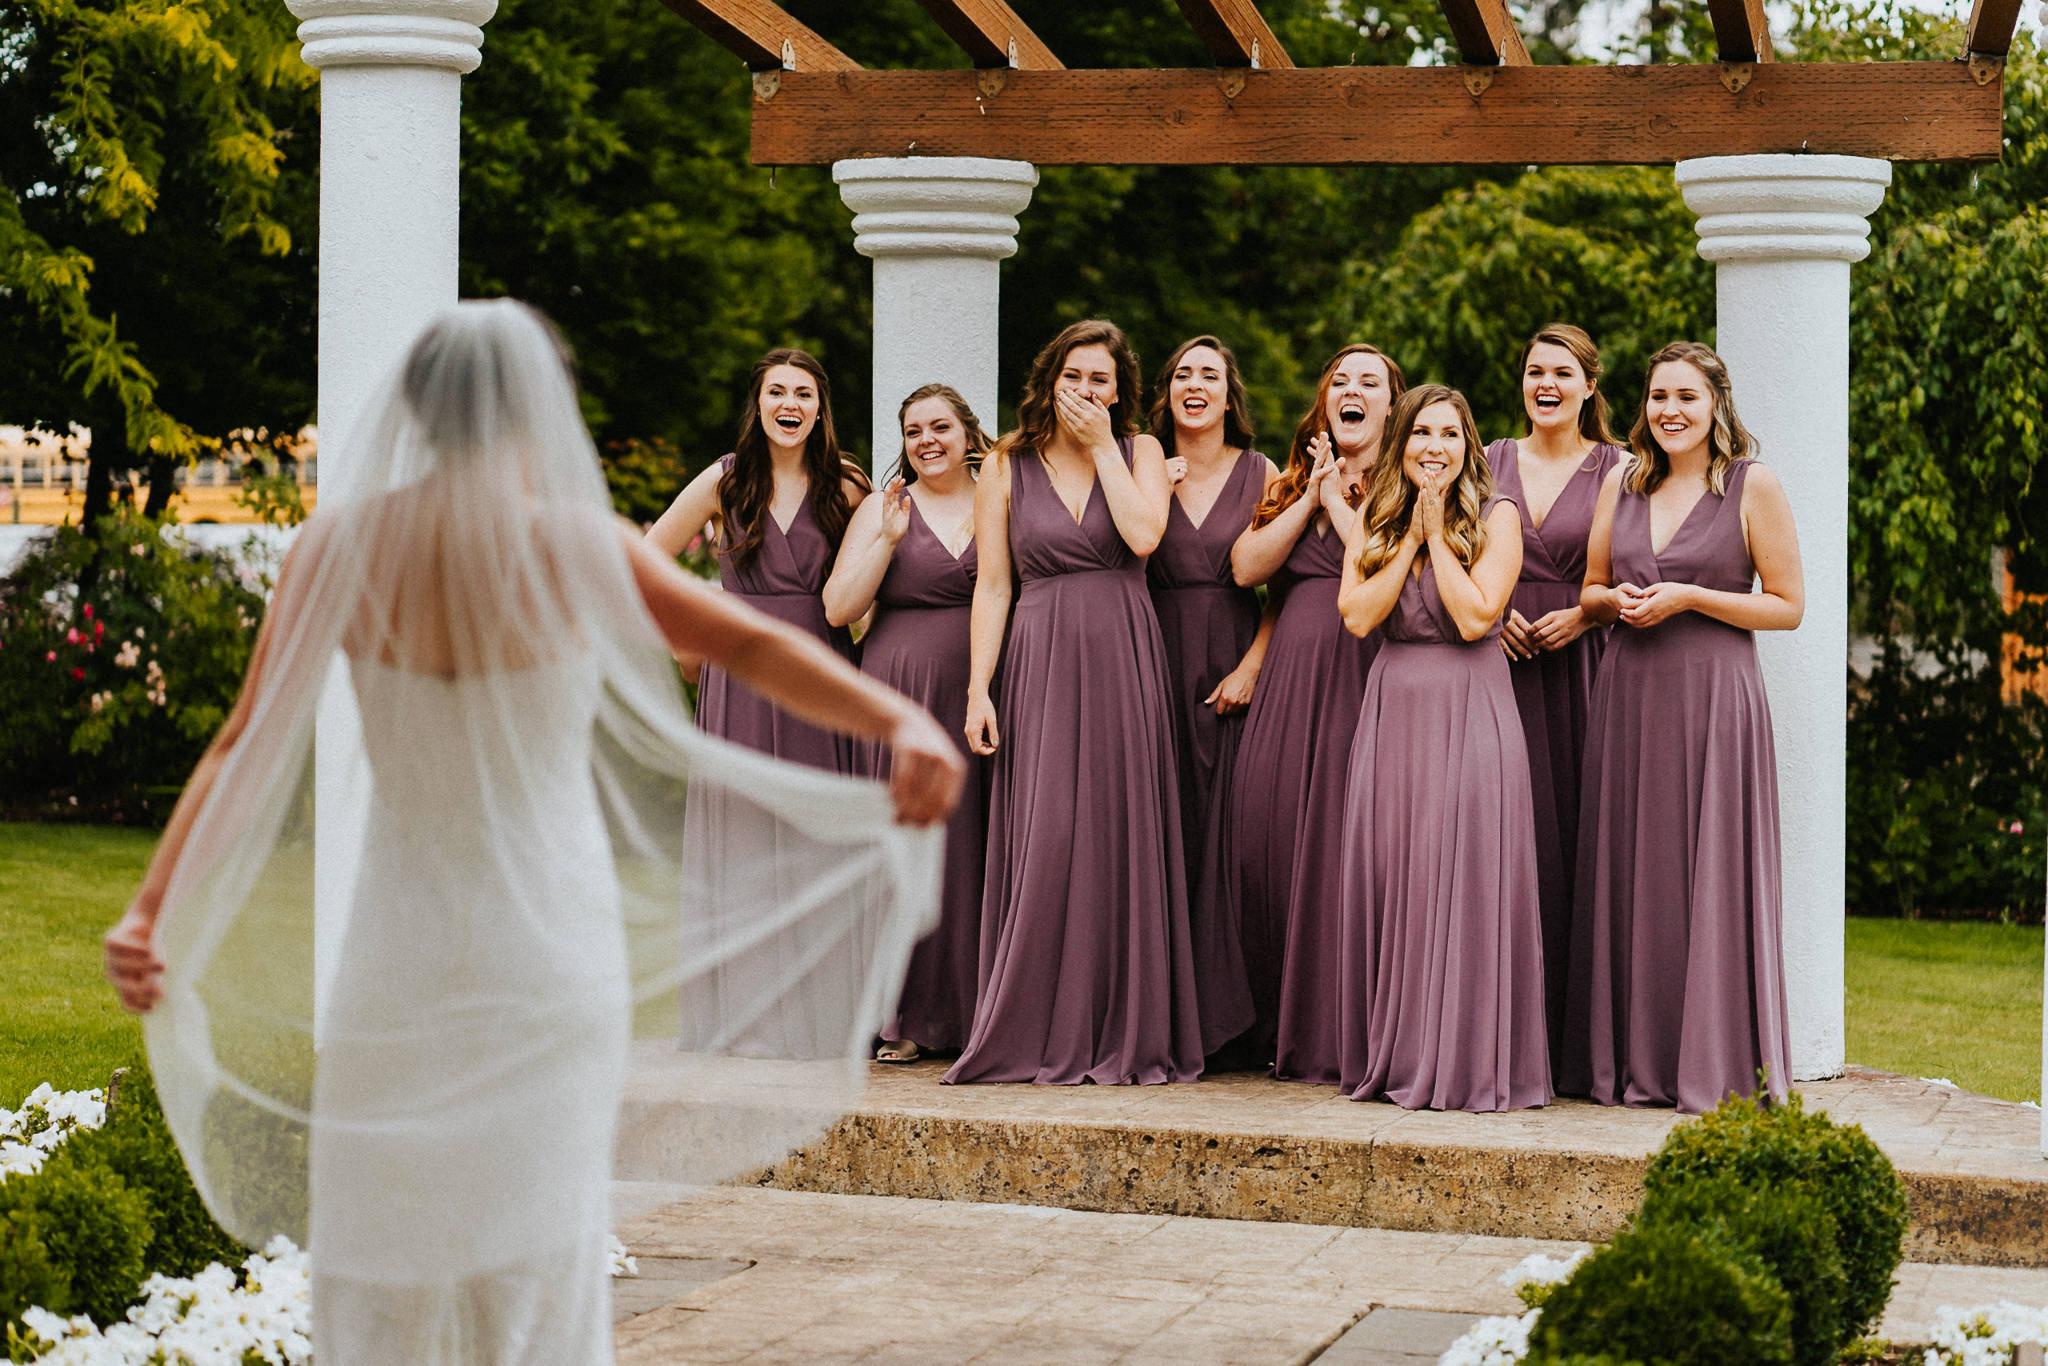 Bride Bridesmaid First Look Water Oasis Gazebo Purple Dress